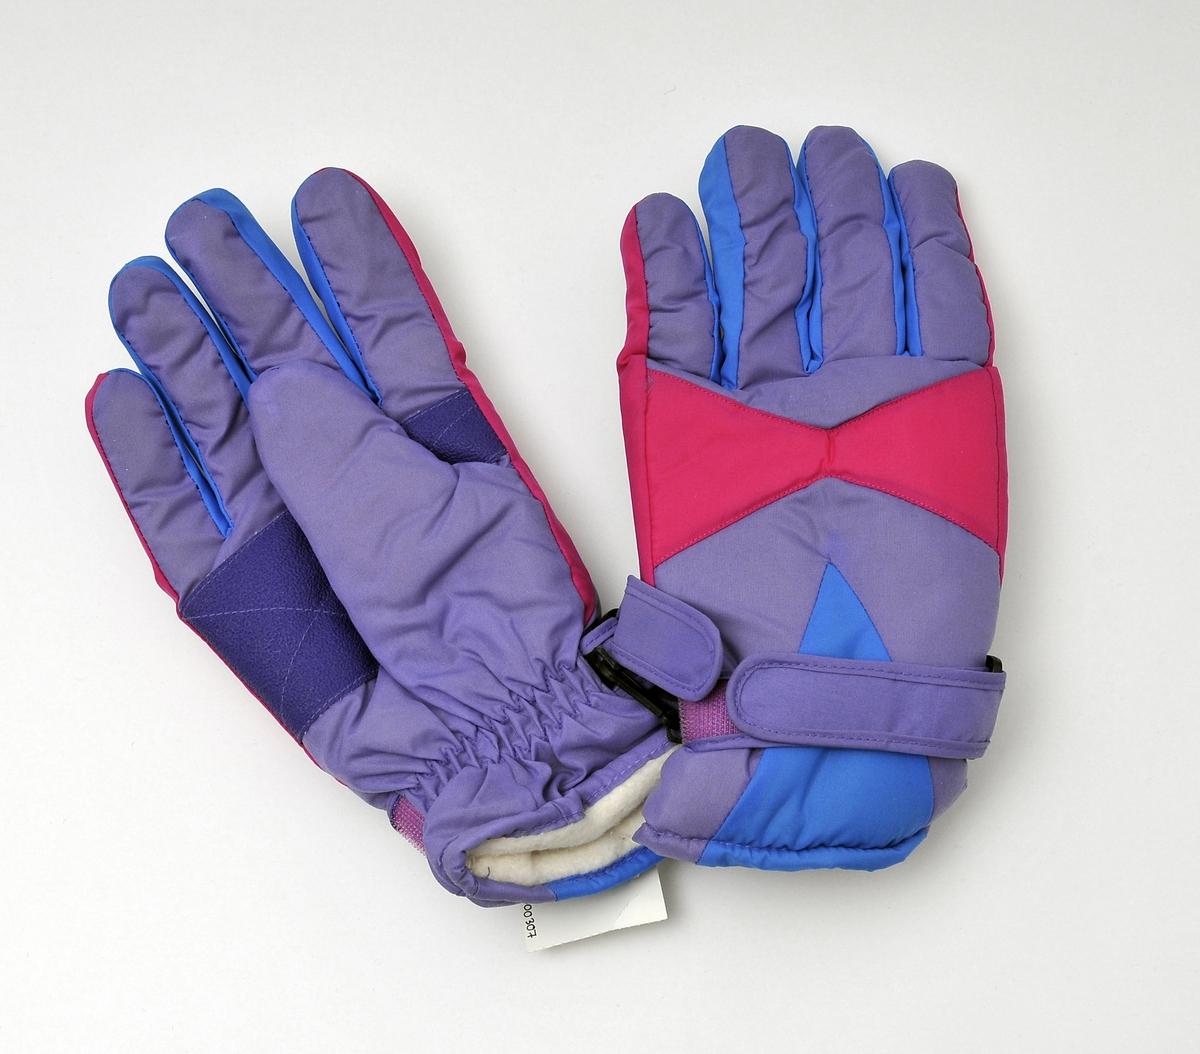 Et par lilla, blå og cerise skihansker for ungdom. gummiert flate inni handa, for bedre grep. Borrelås rundt handleddet, for å kunne stramme.